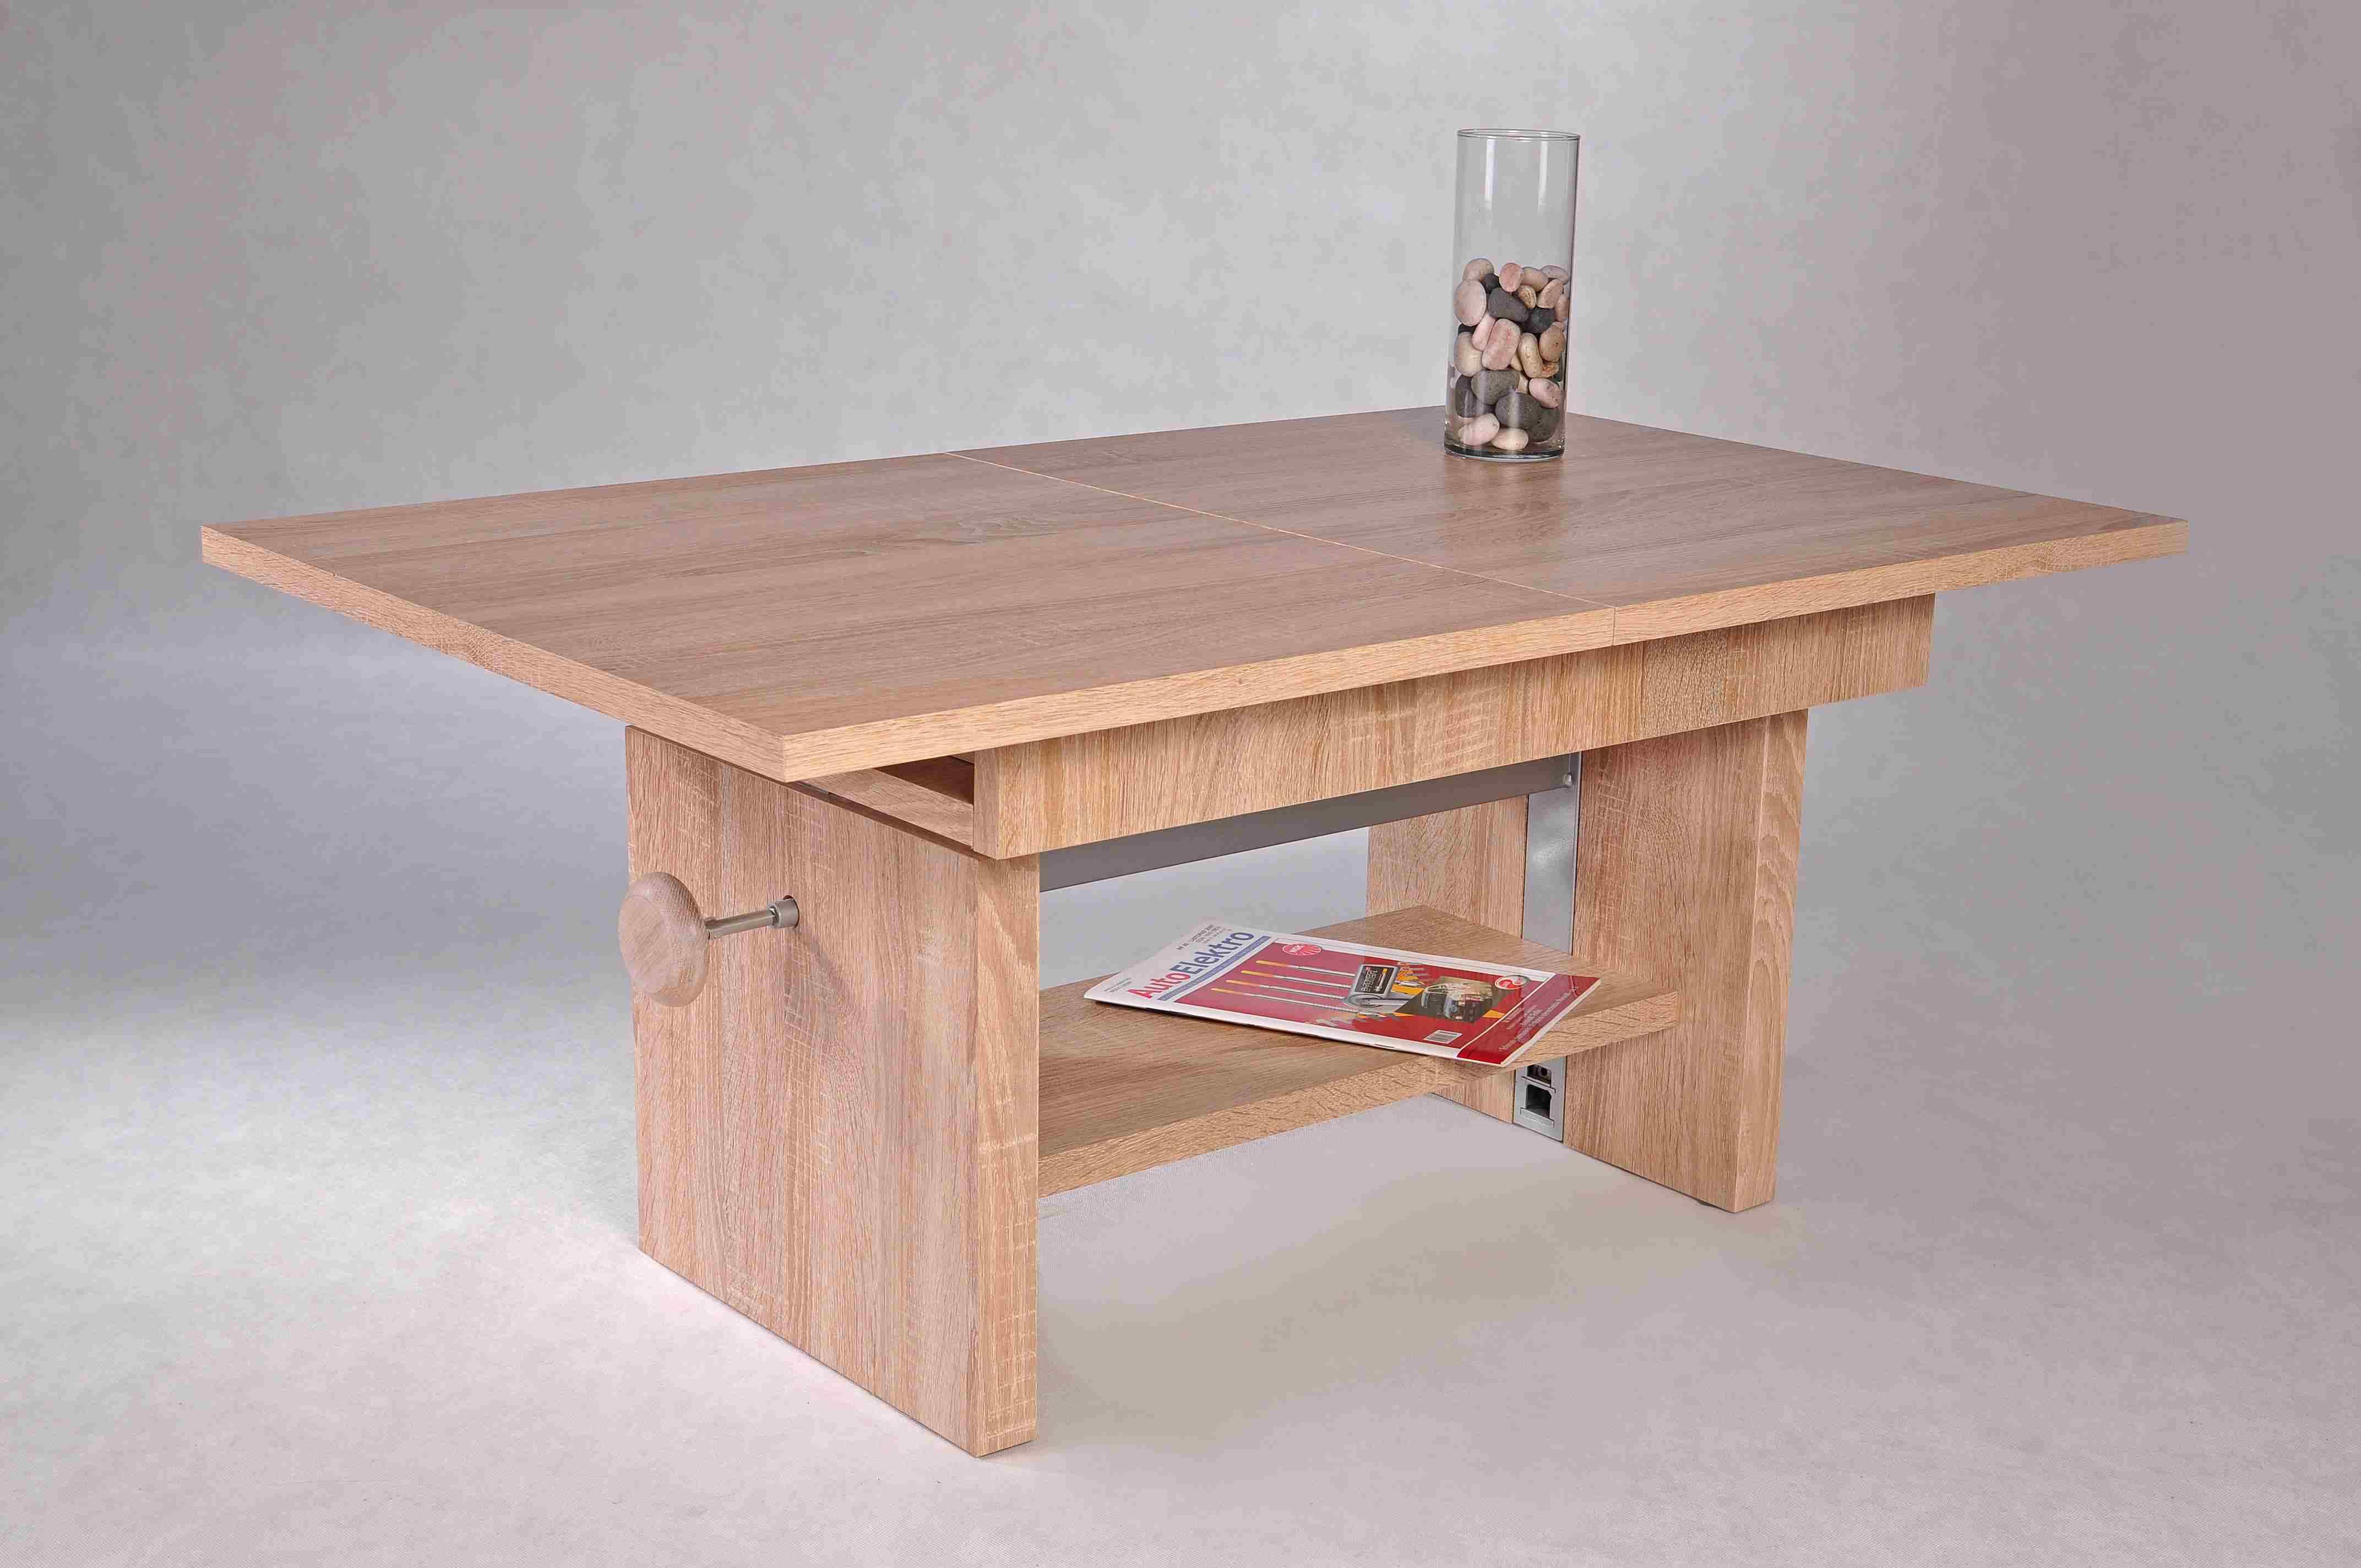 couchtisch event wohnzimmertisch beistelltisch tisch h henverstellbar in sonoma ebay. Black Bedroom Furniture Sets. Home Design Ideas